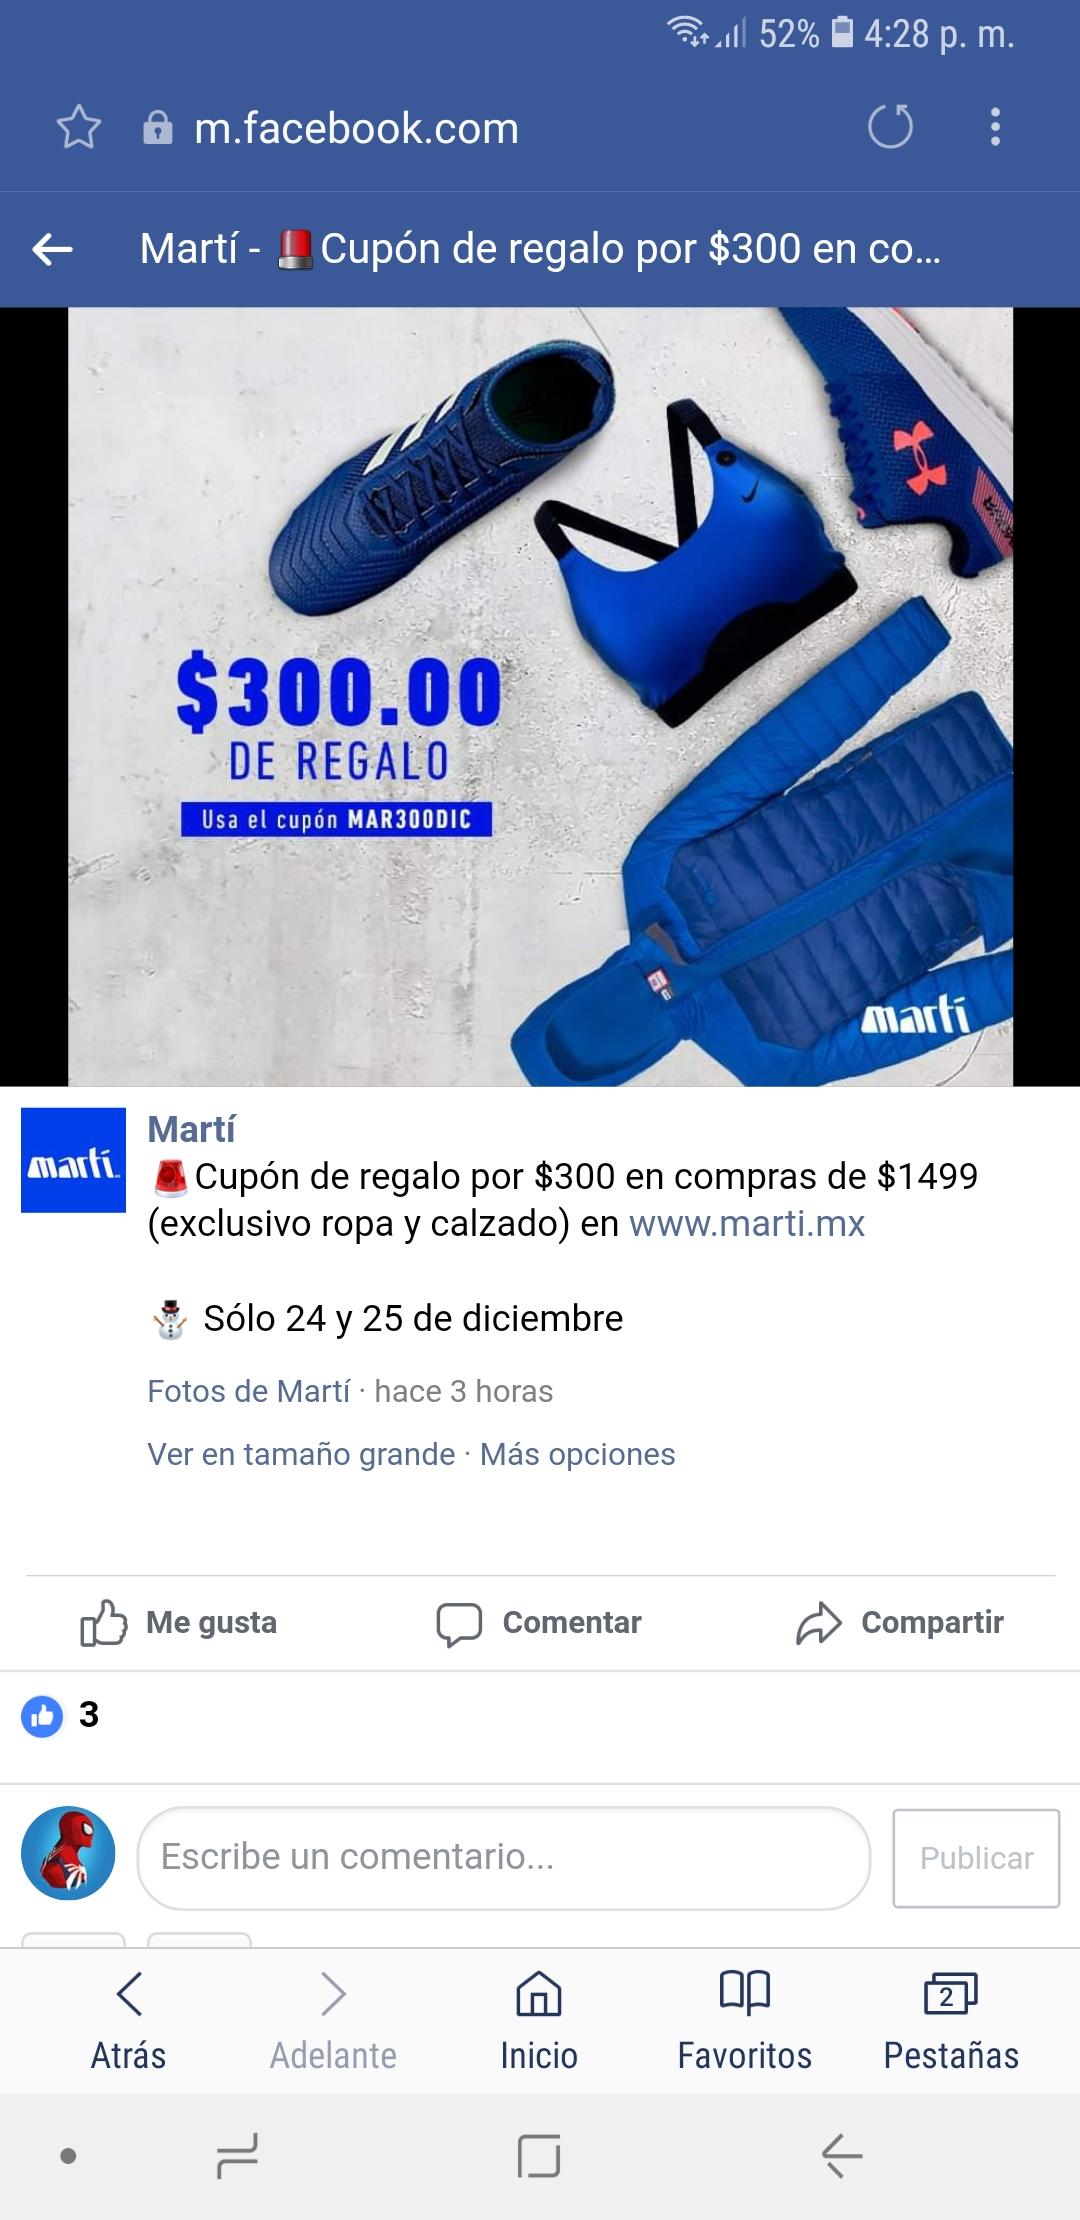 Martí: Cupón de $300 pesitos en compras de $1,499.